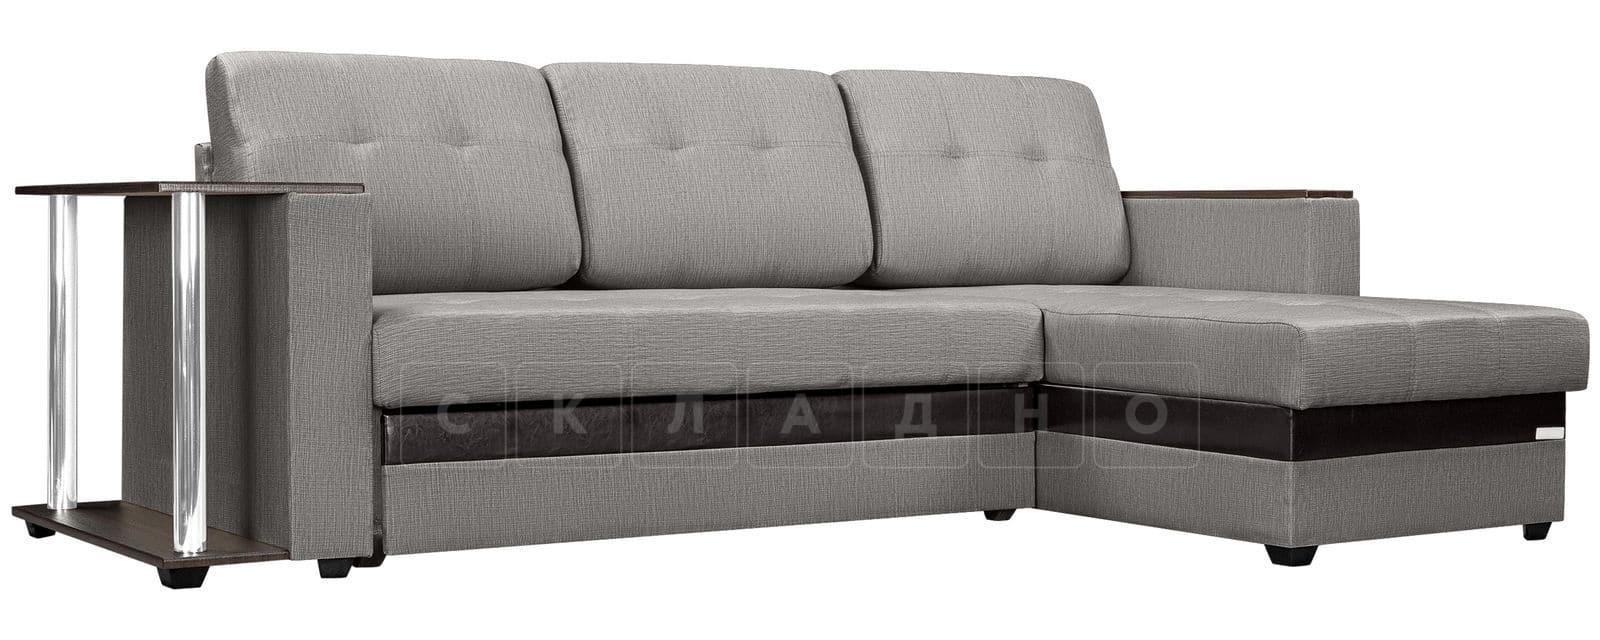 Угловой диван Атланта рогожка серого цвета фото 1 | интернет-магазин Складно